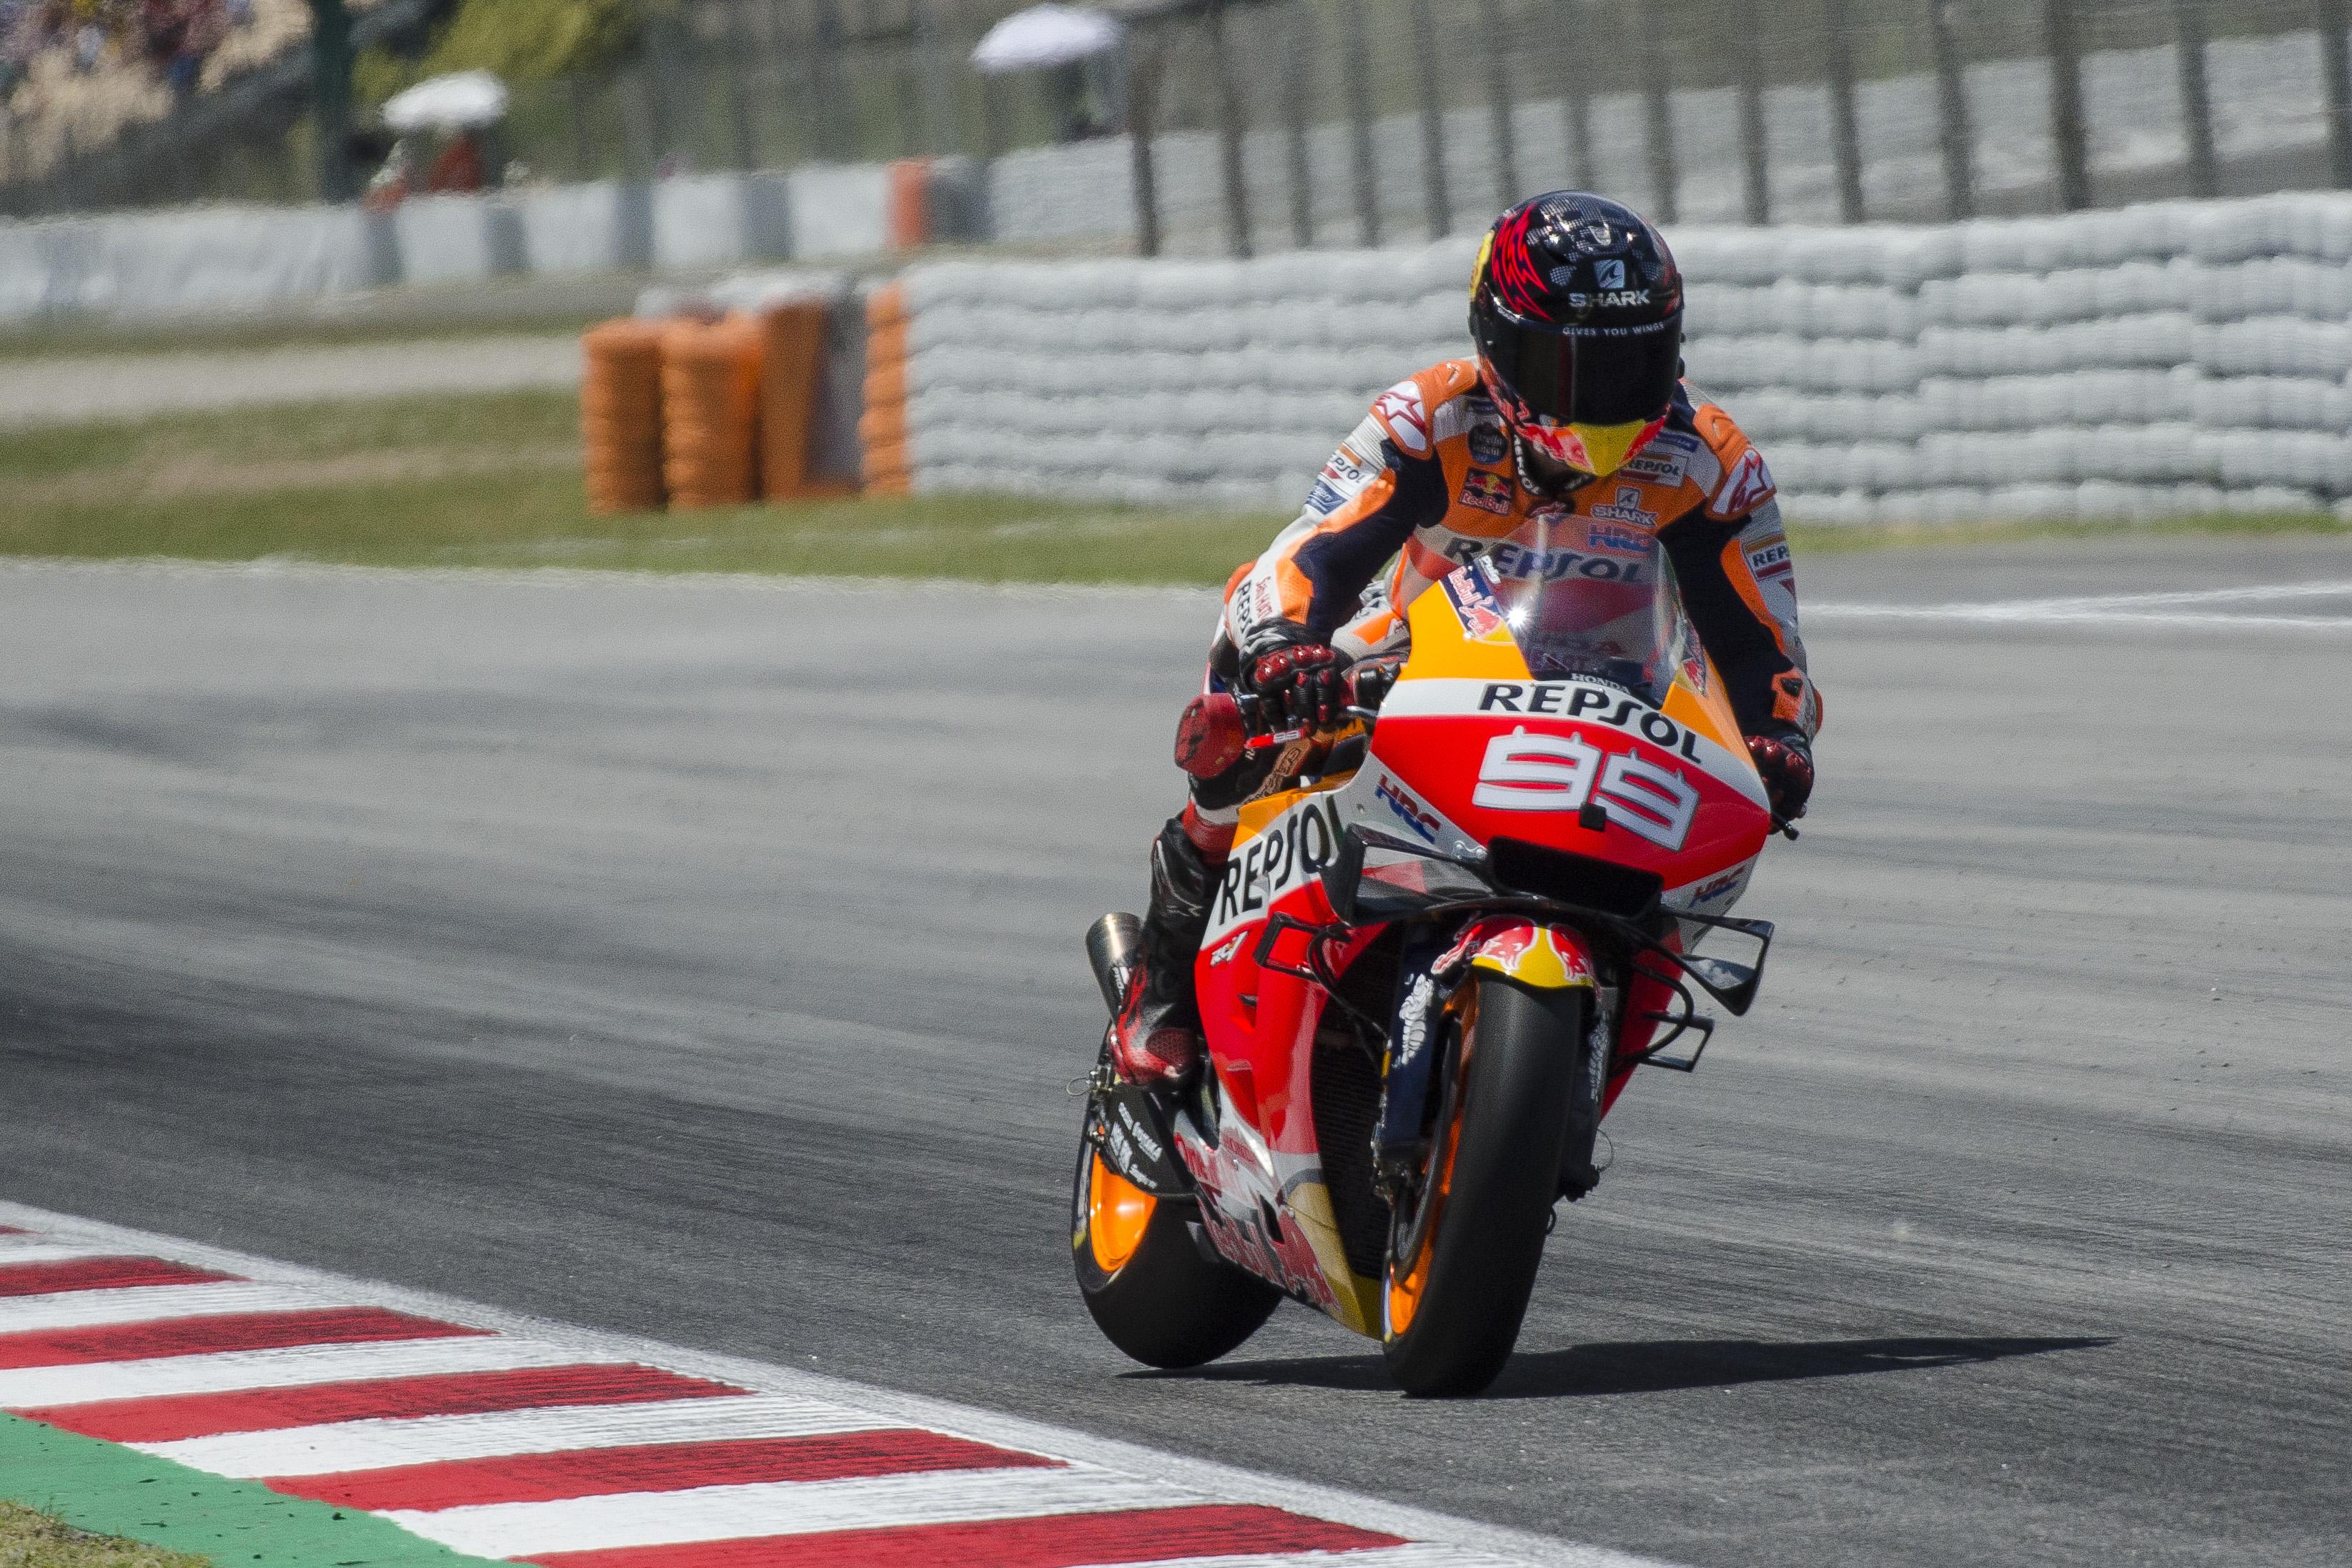 La visión de Rossi, Viñales, Dovizioso y Márquez sobre el incidente con Lorenzo